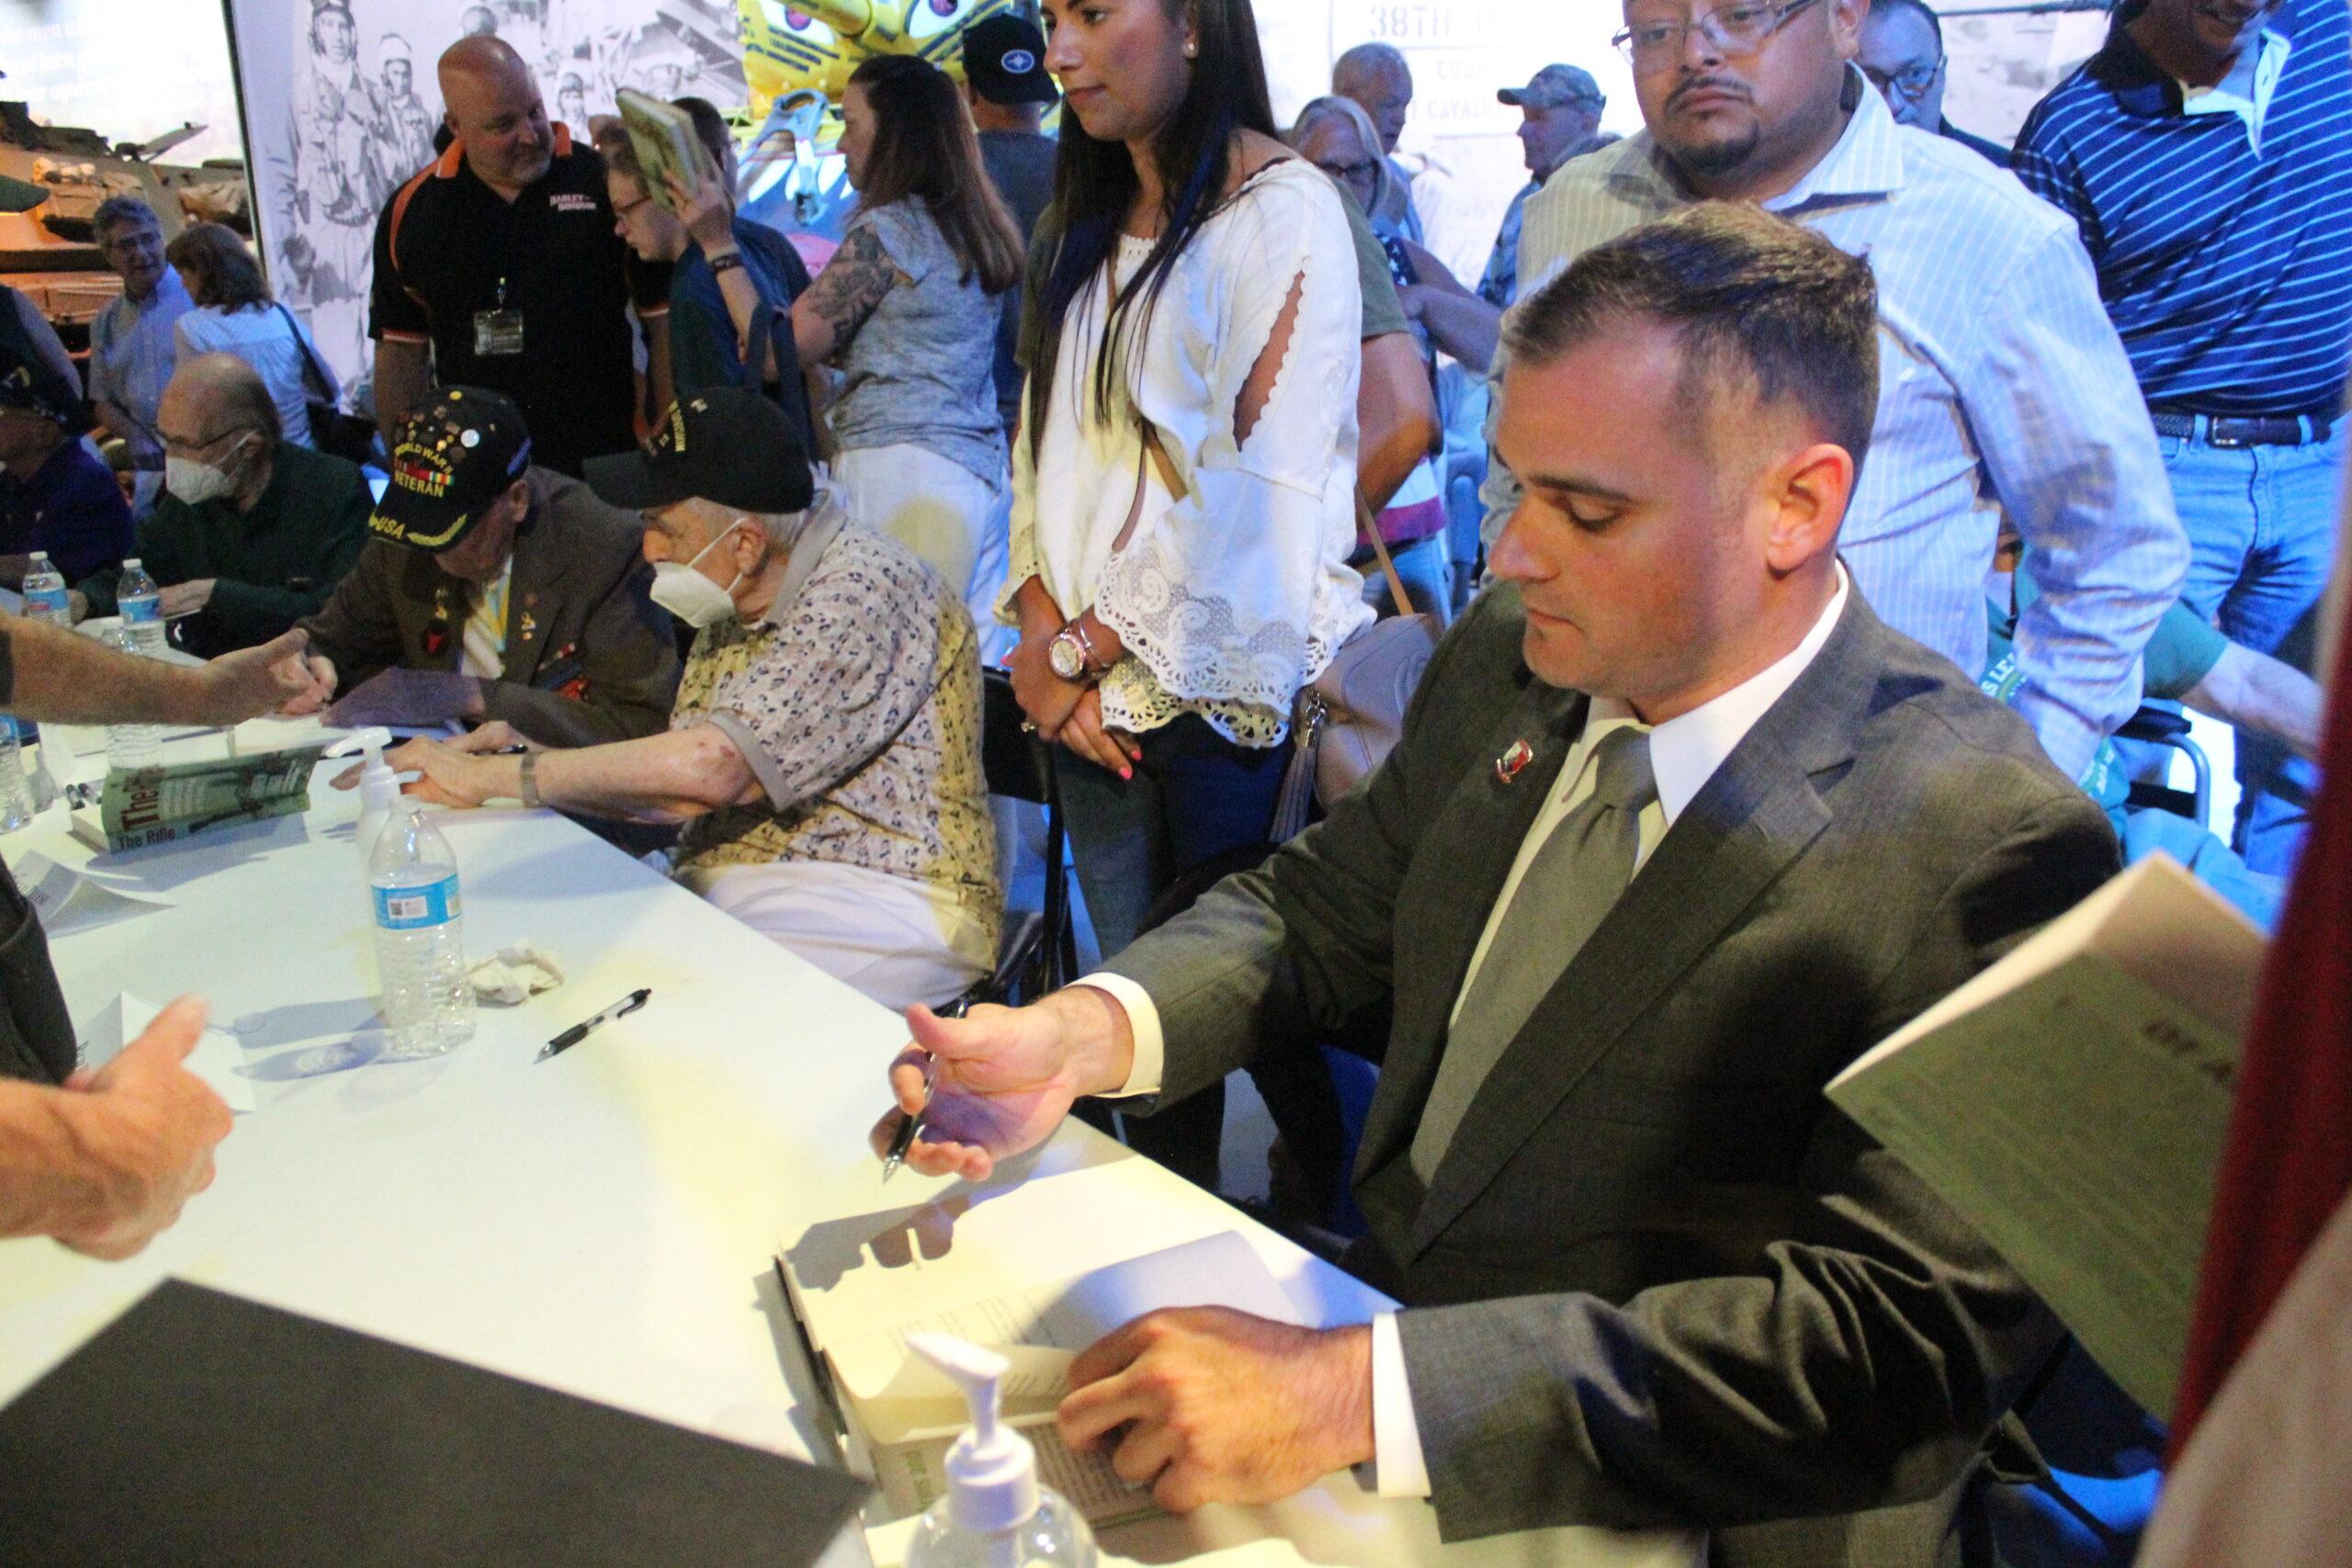 Andrew Biggio signs books.